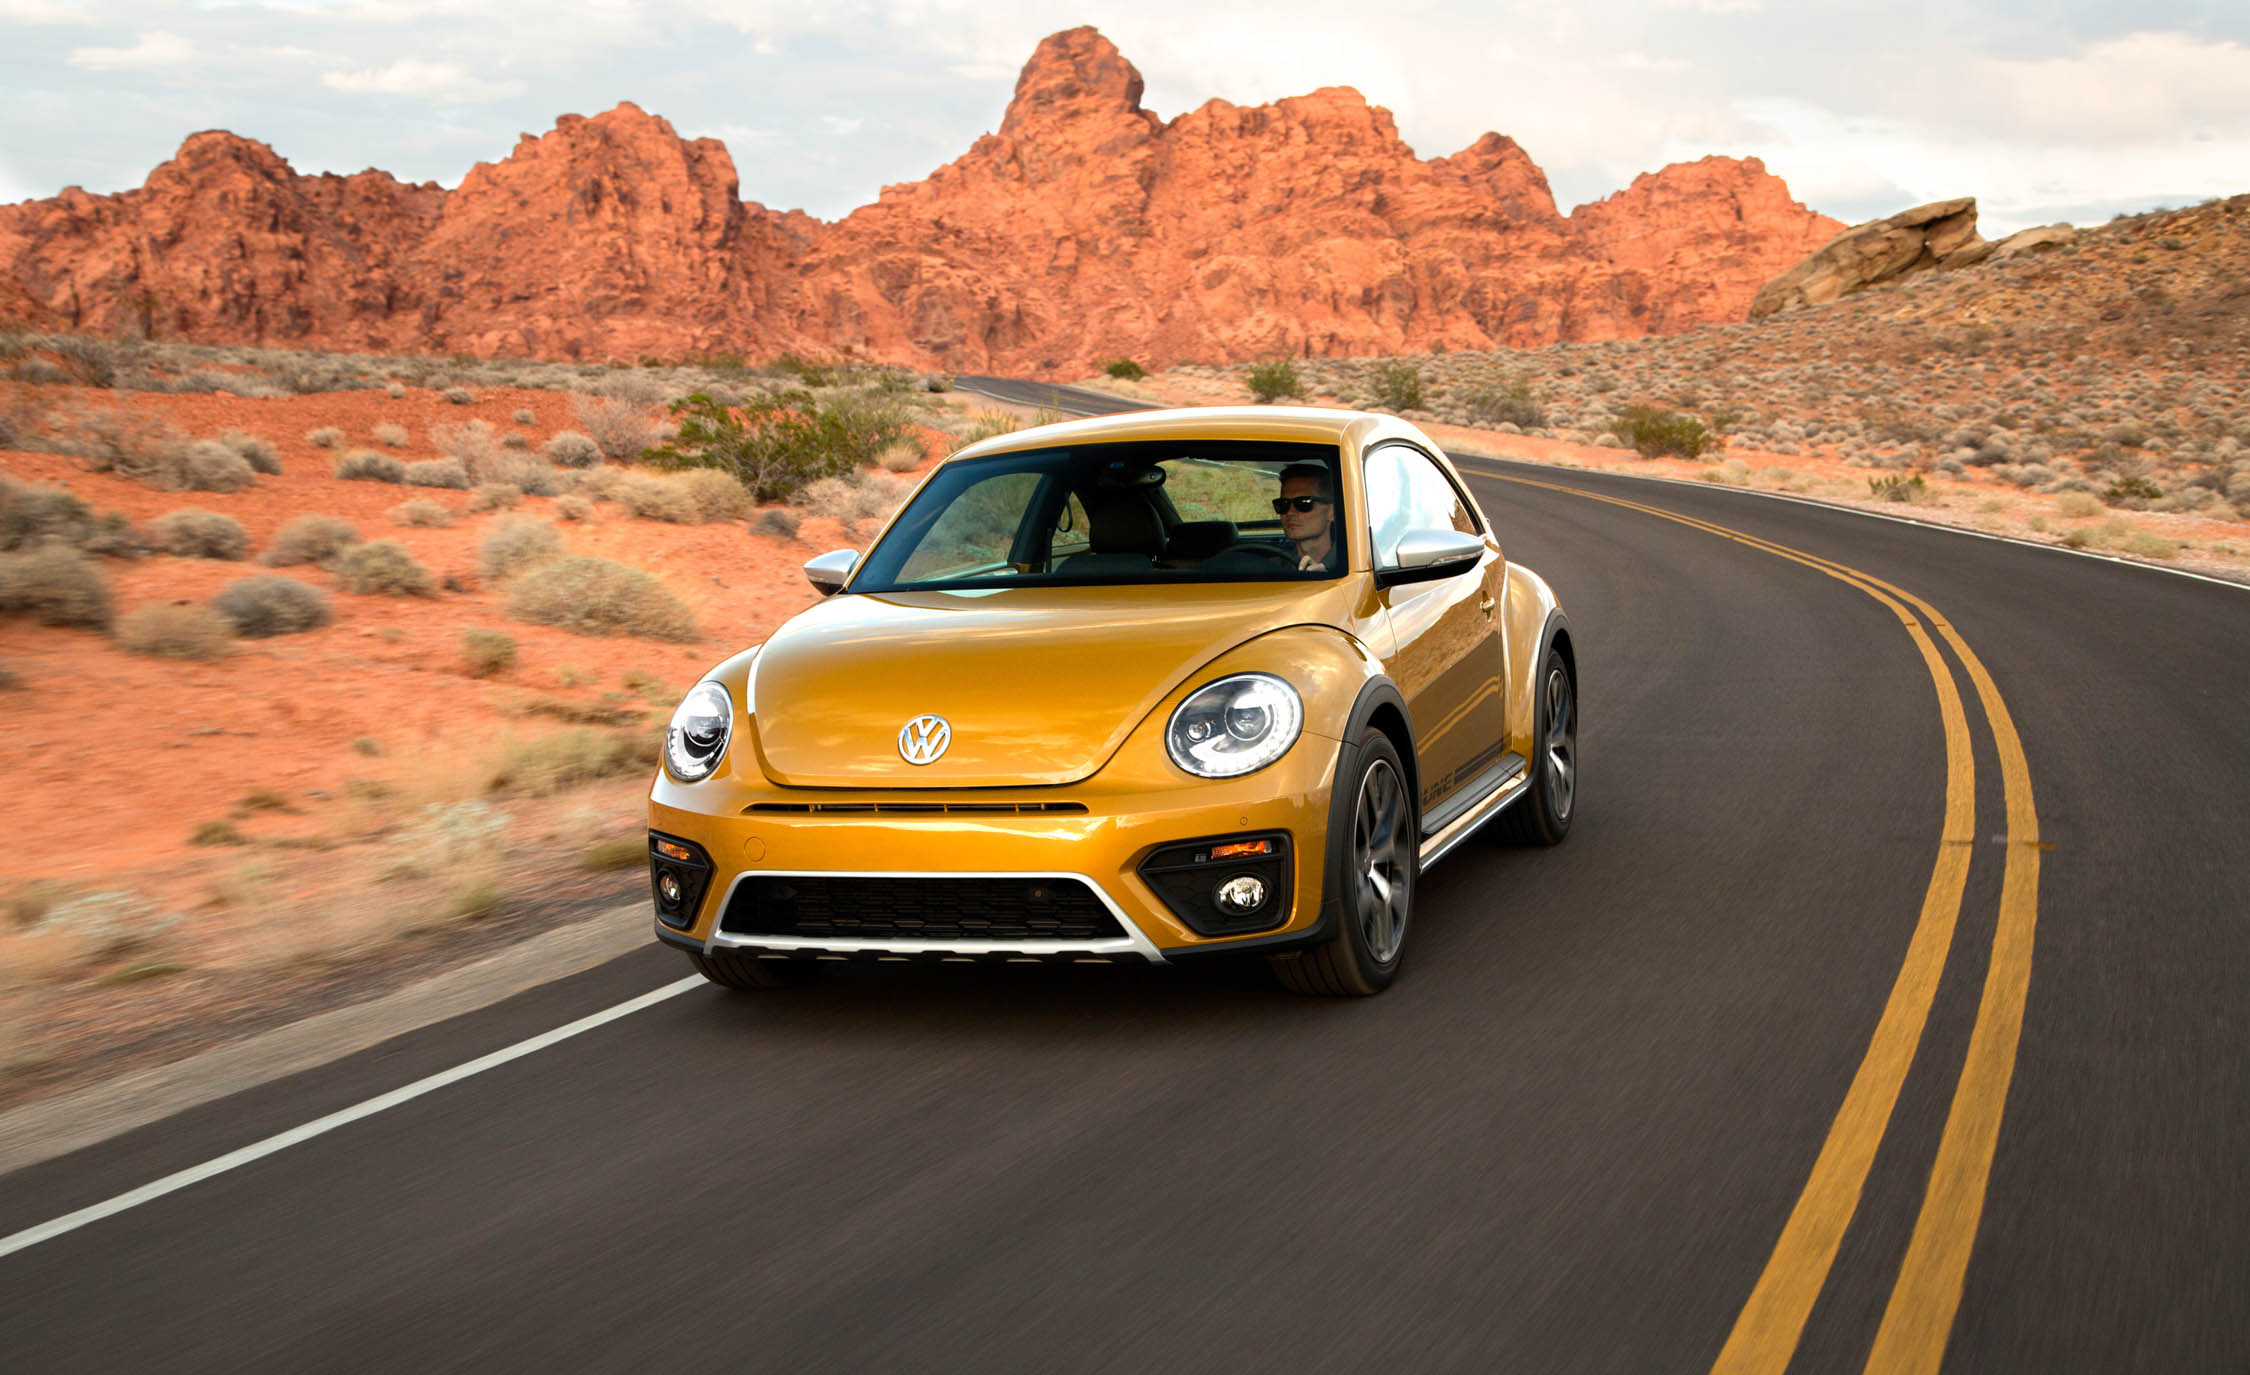 2016 Volkswagen Beetle Dune Test Front View (View 11 of 32)